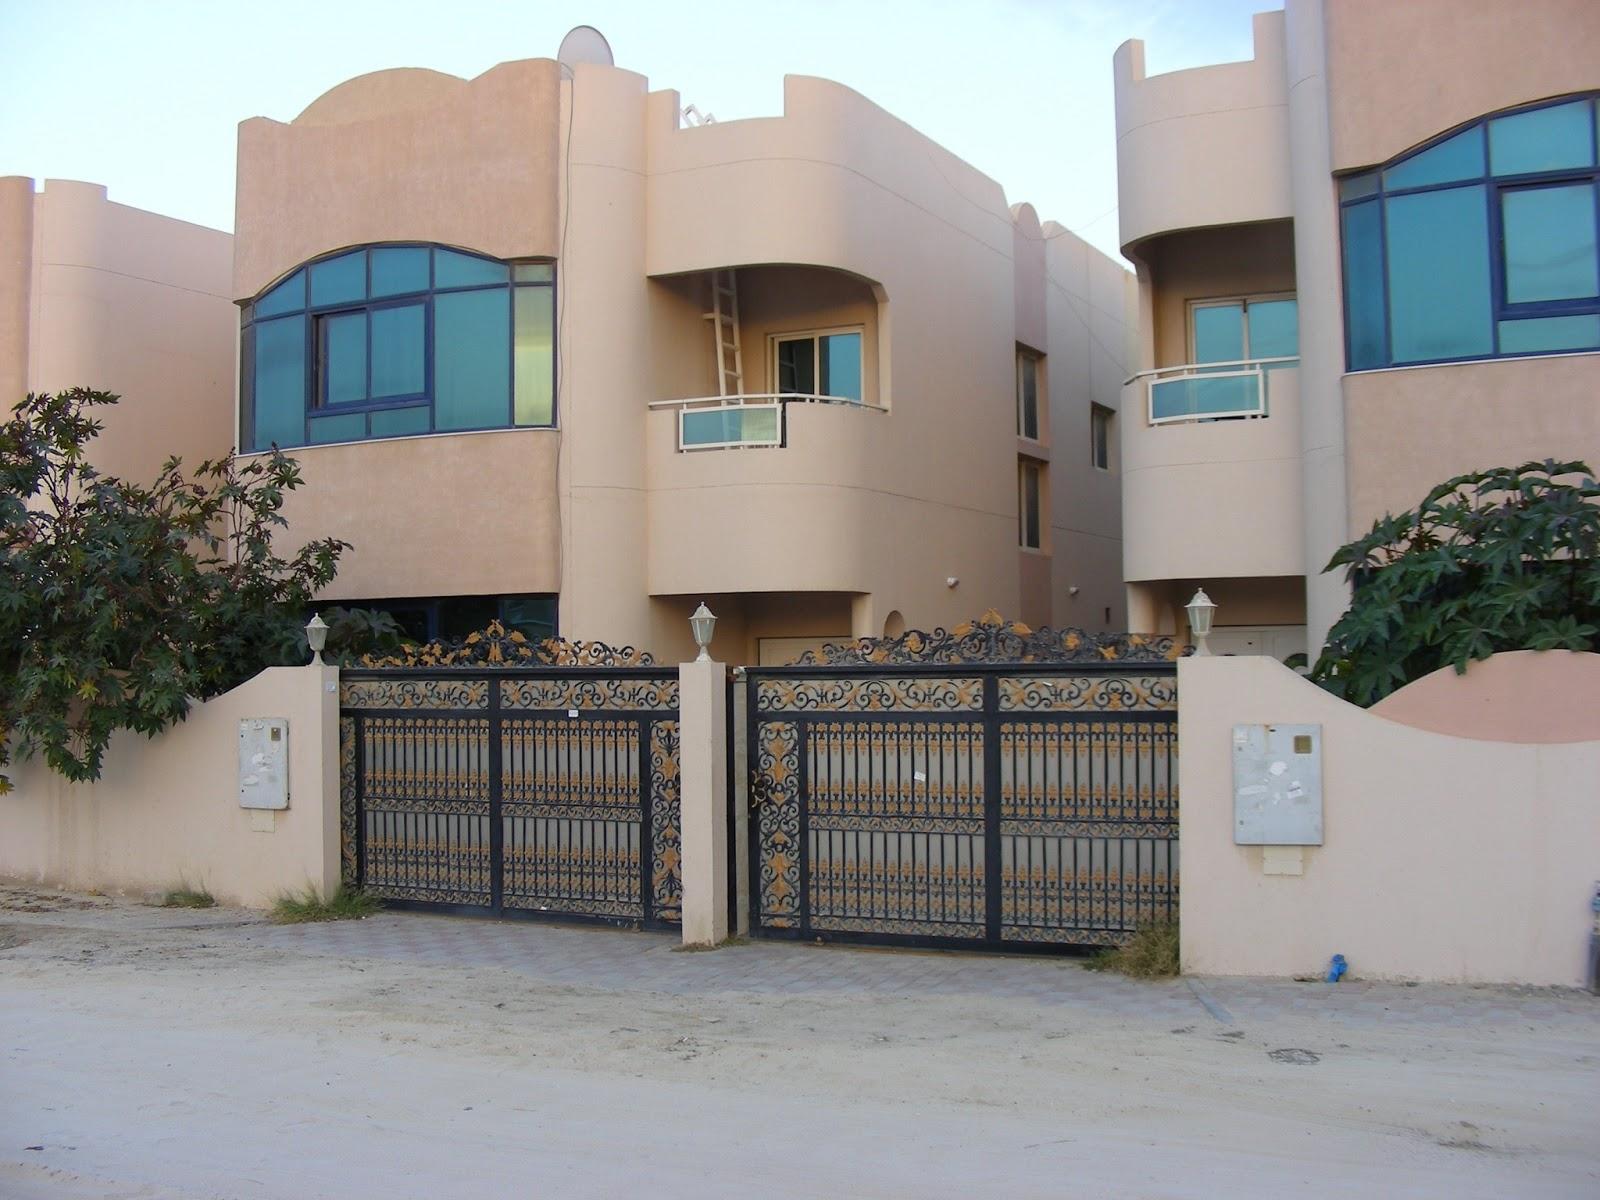 Home Design and House Plane: Exterior homes designs ...